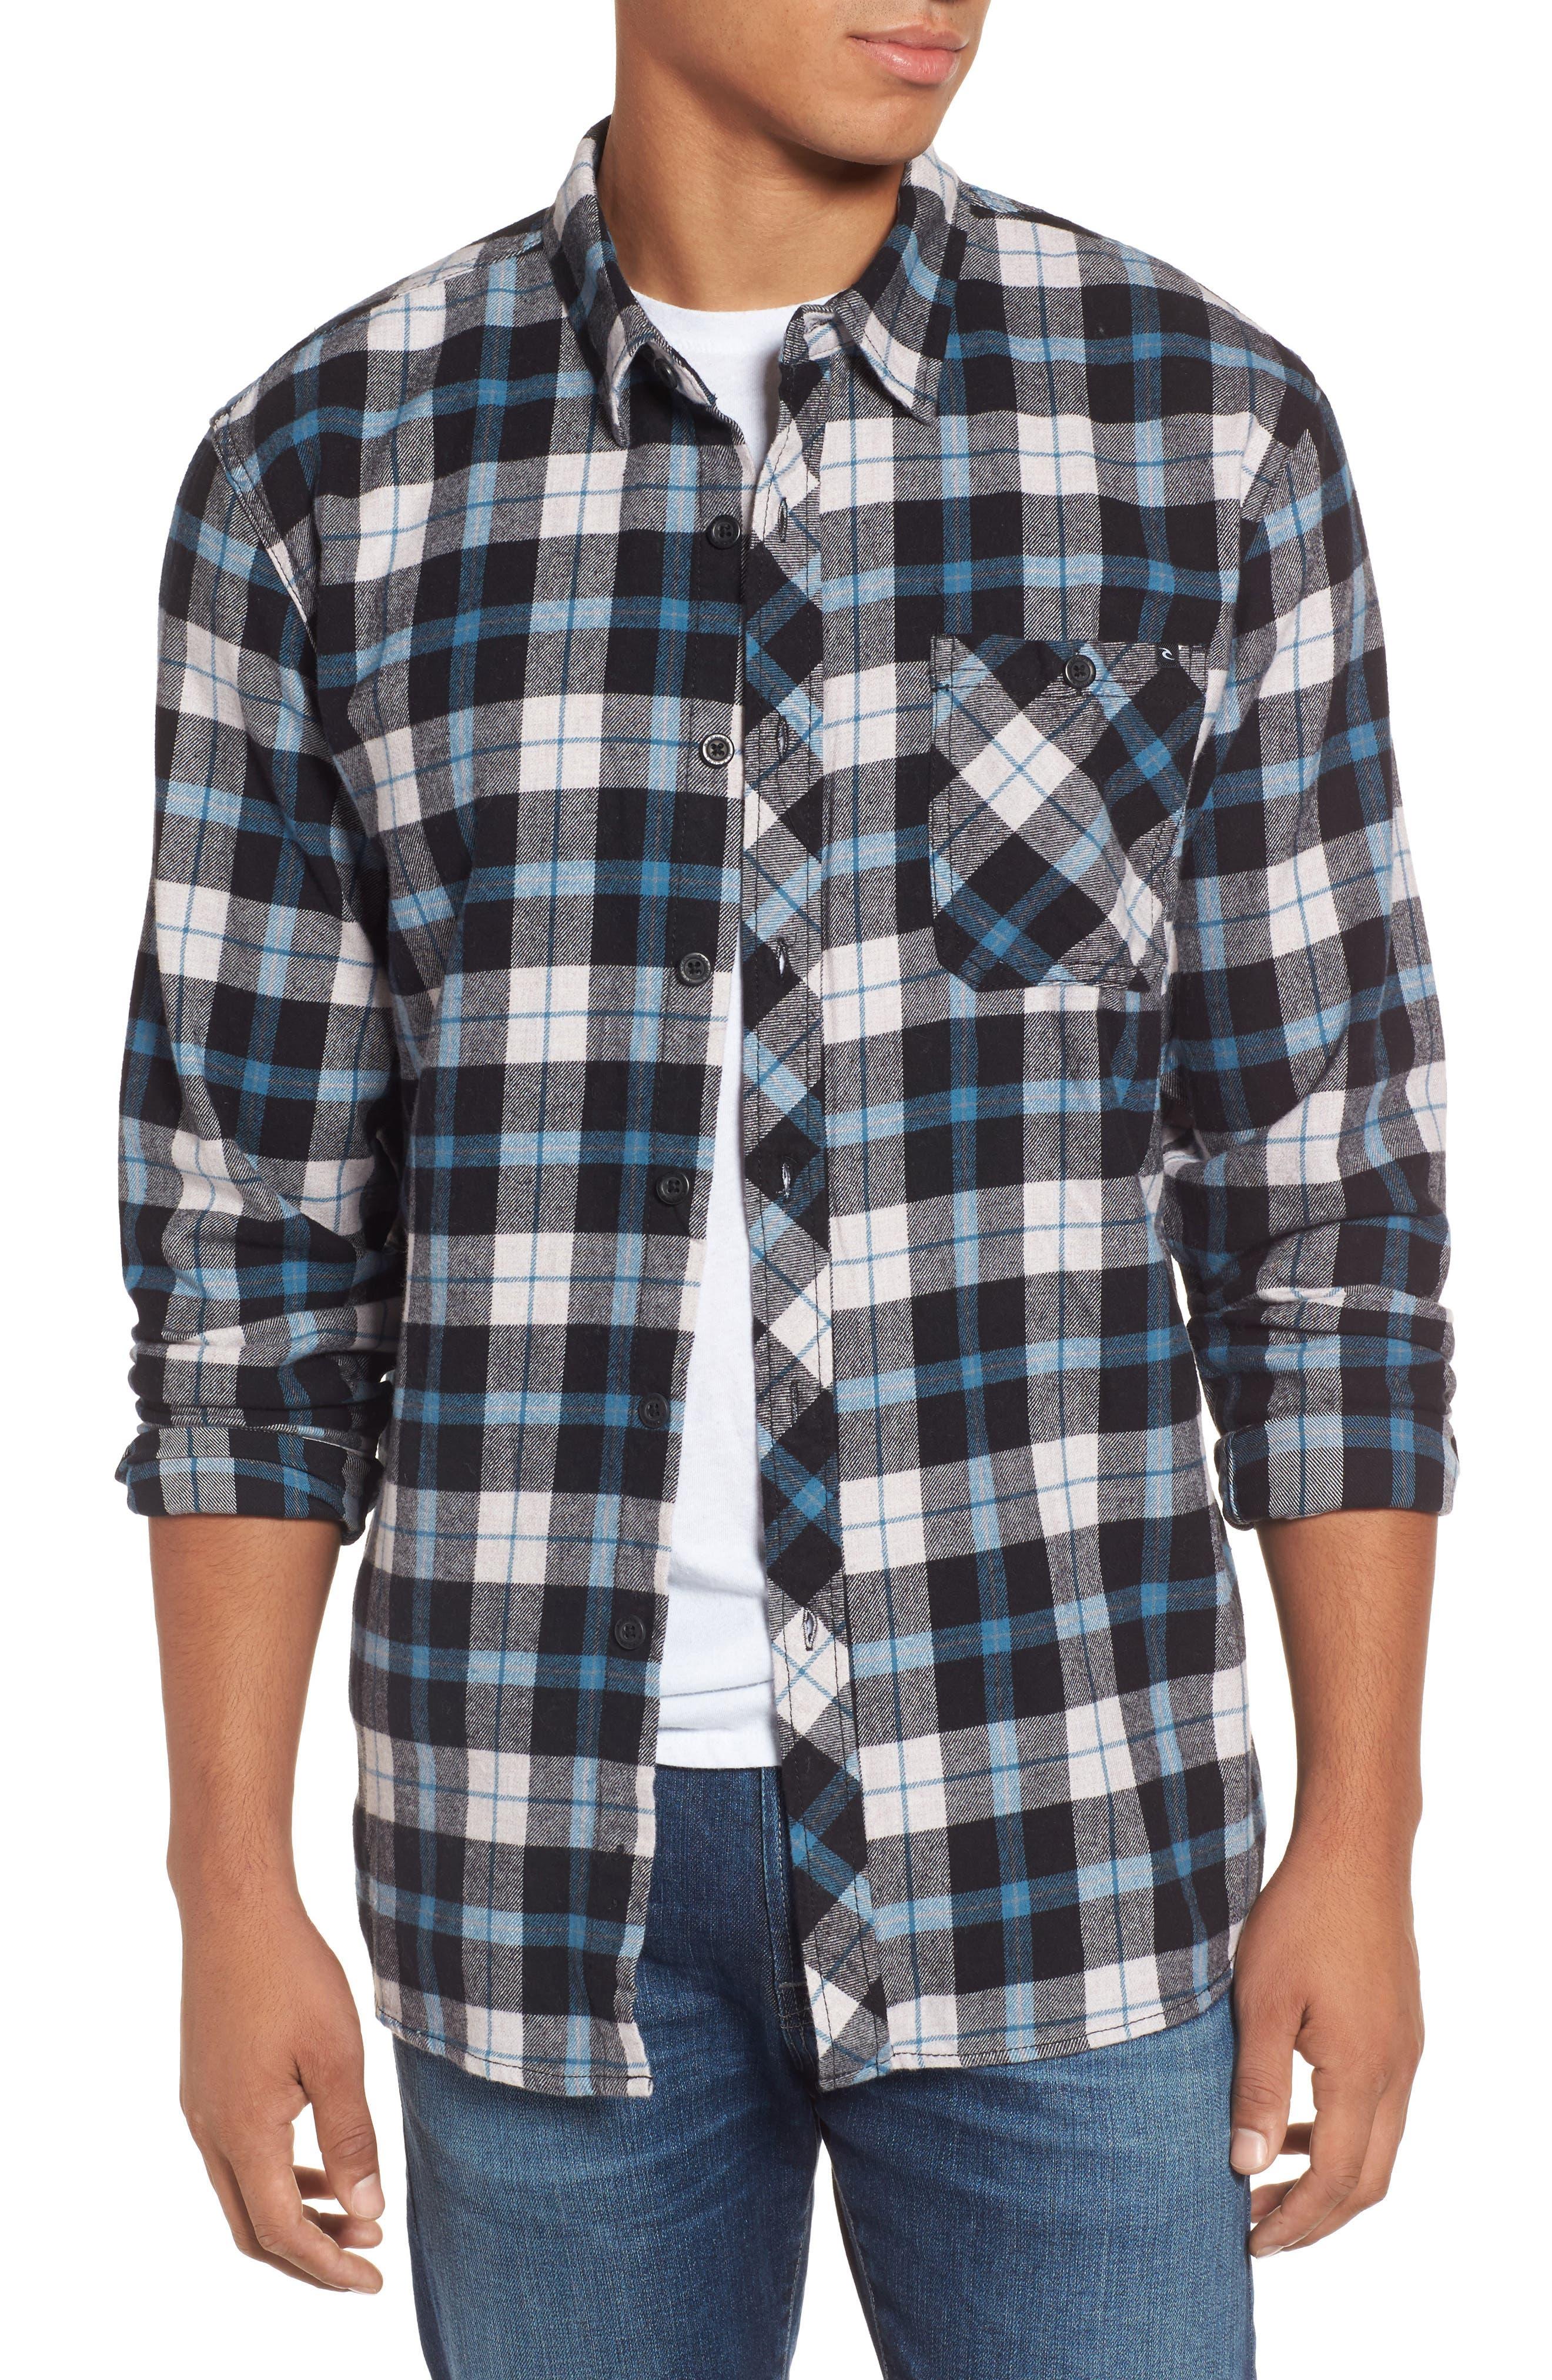 Rip Curl Teller Flannel Shirt